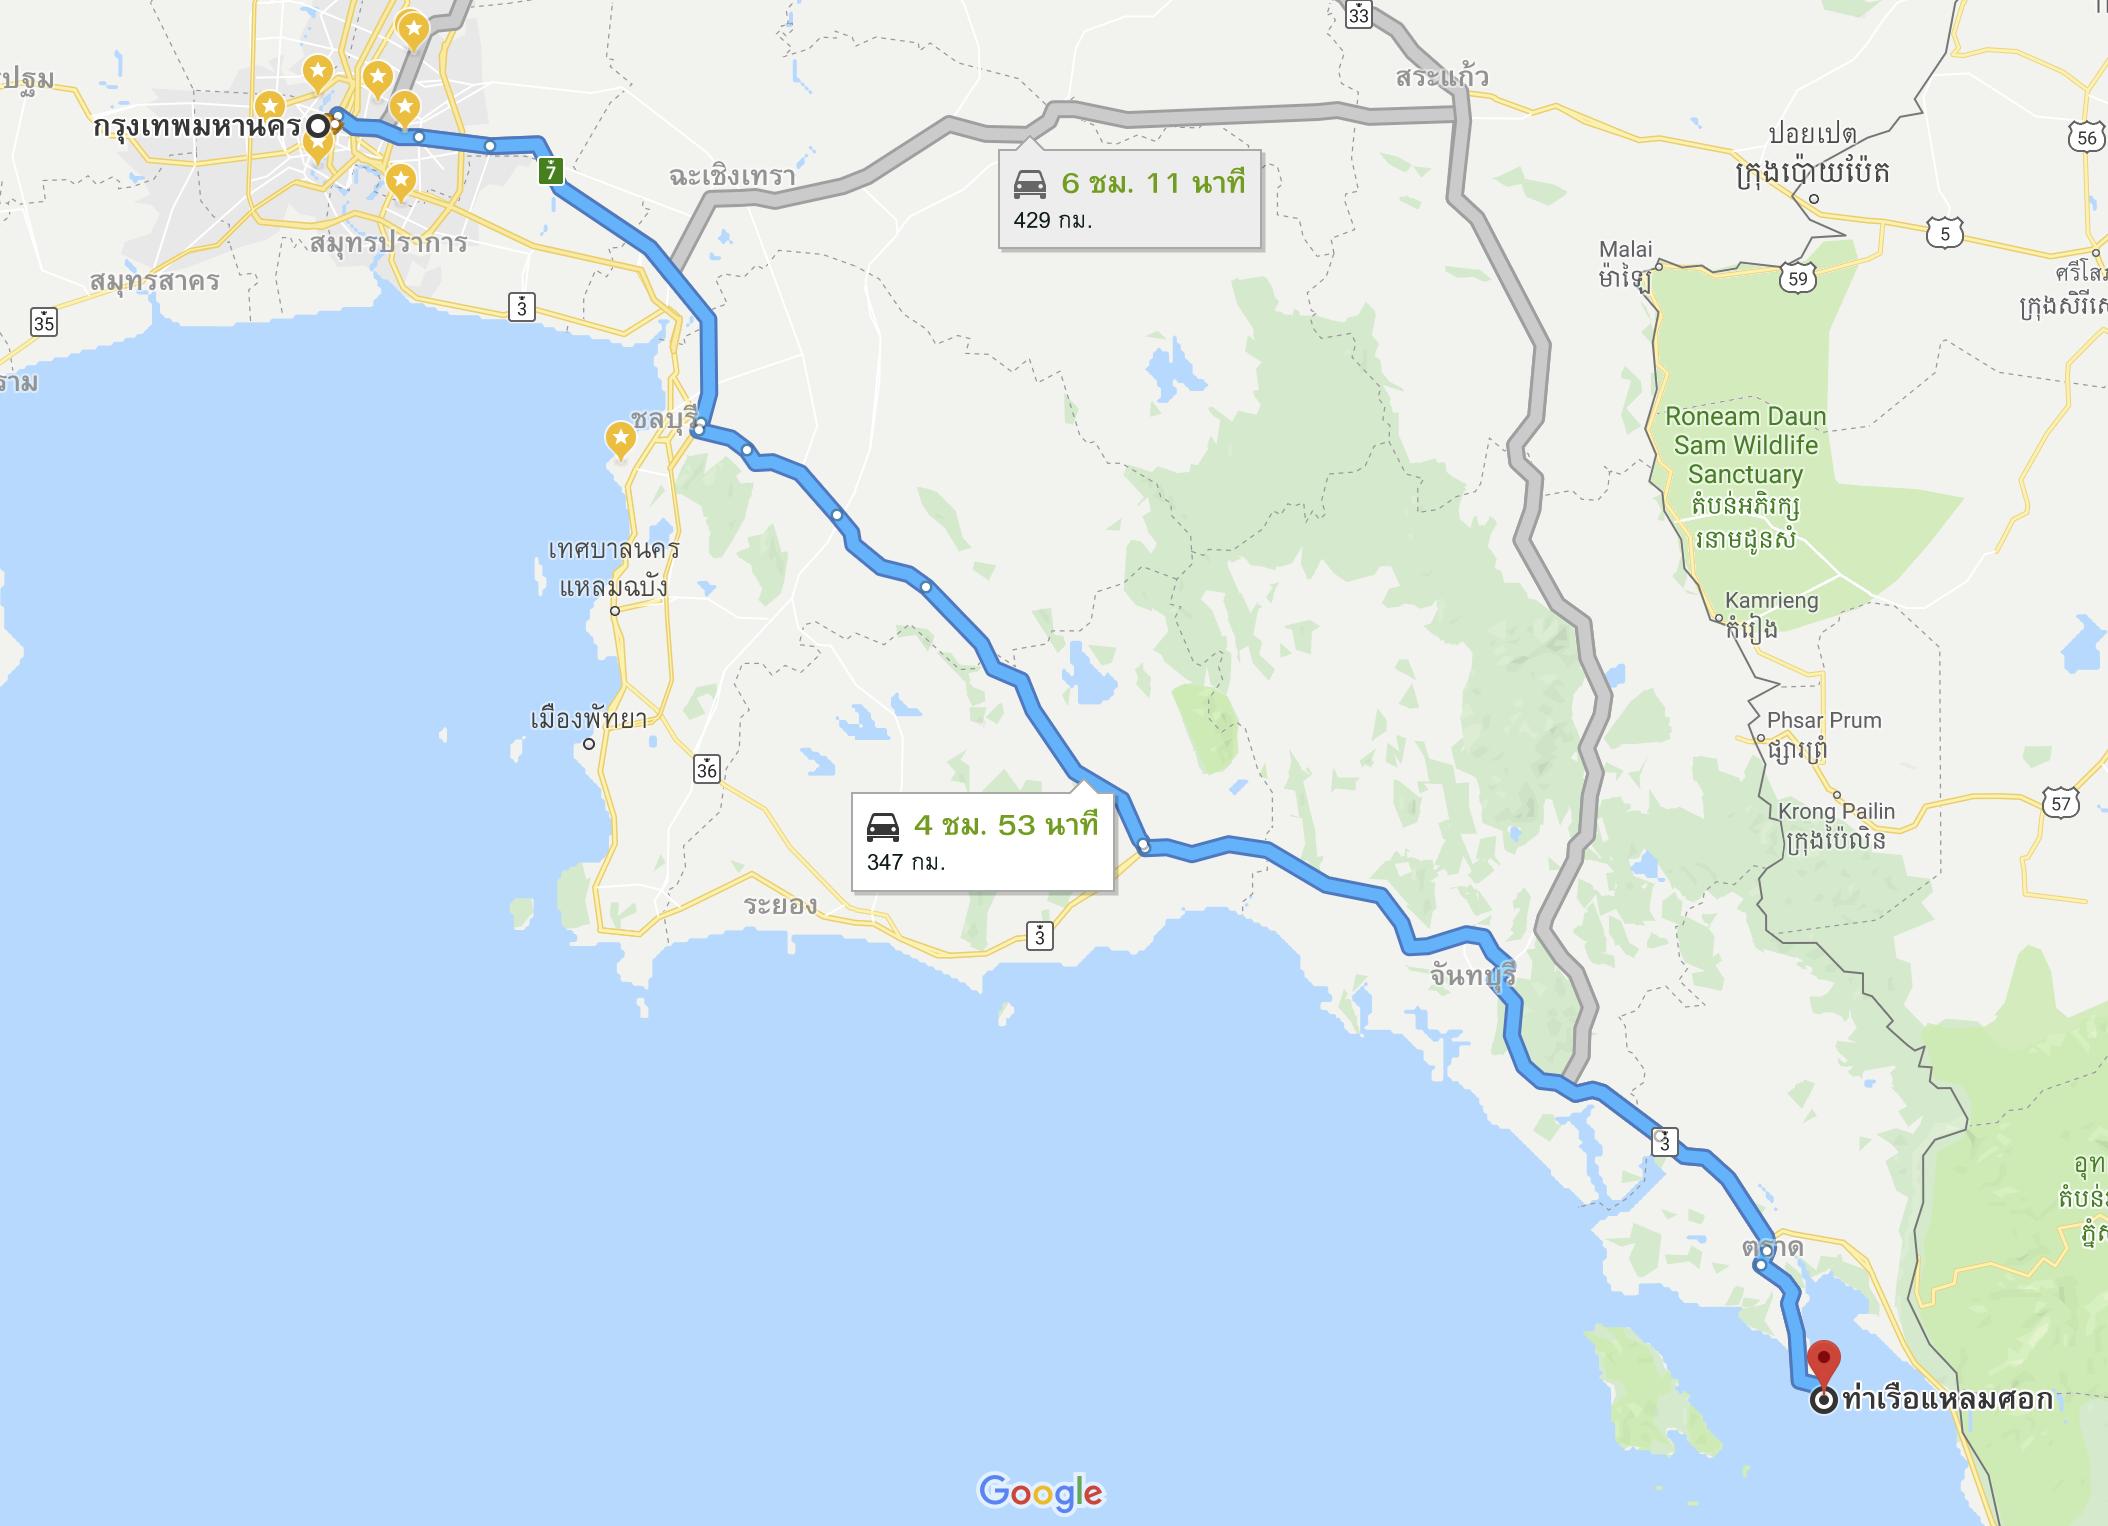 แผนที่ระยะทางระหว่างกรุงเทพมหานครถึงจังหวัดตราด